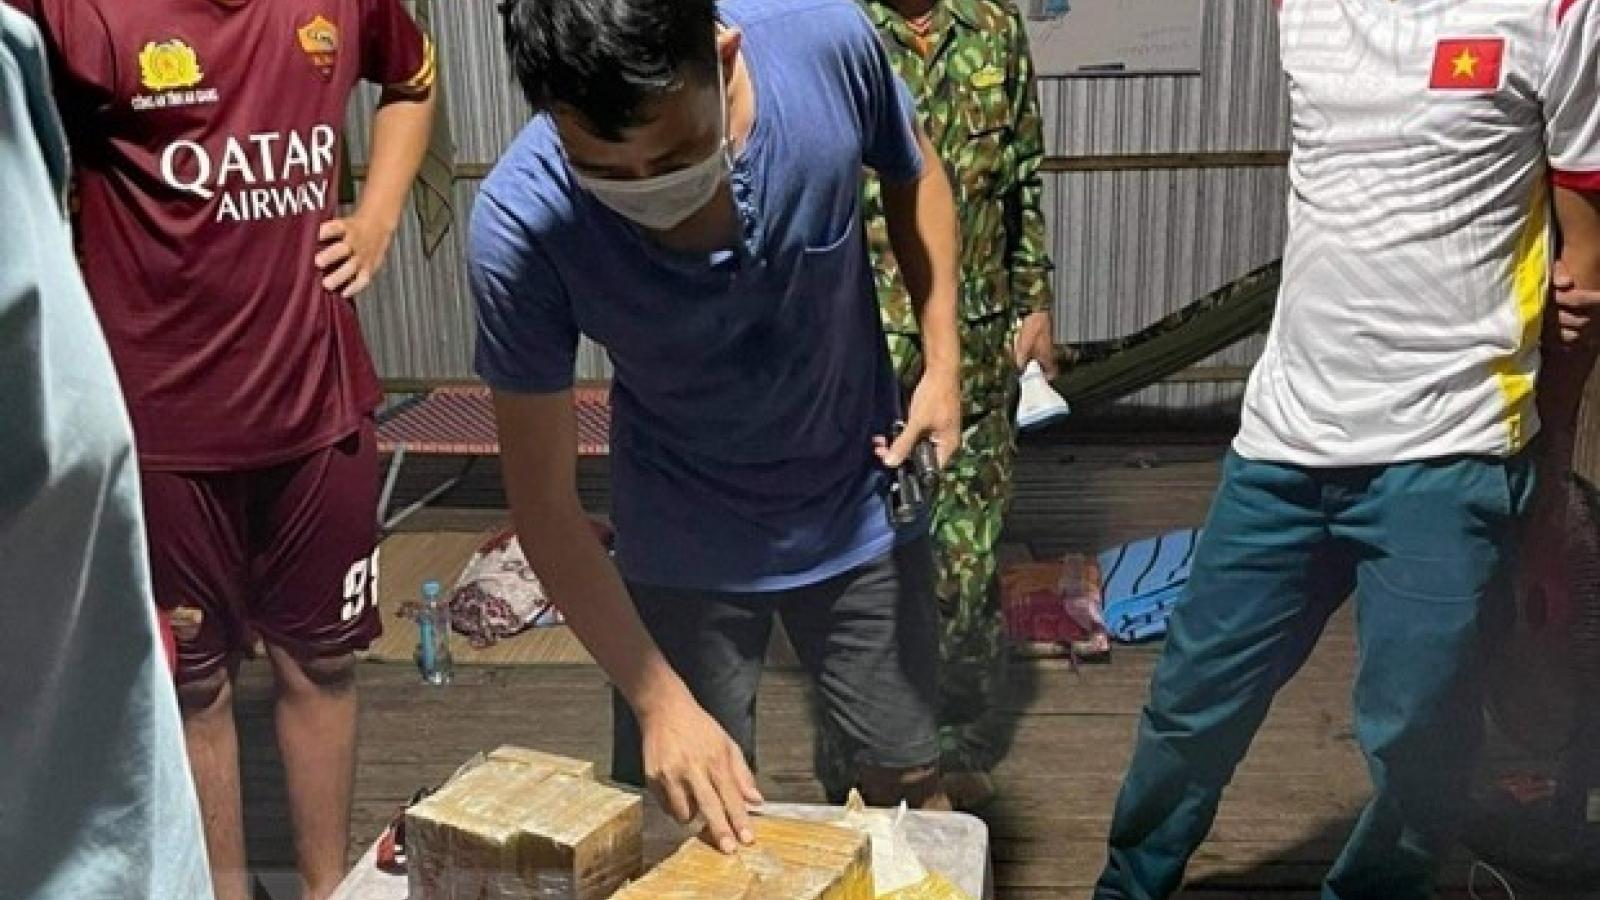 Điều tra mở rộng vụ vận chuyển hơn 7kg ma tuý qua biên giới ở An Giang